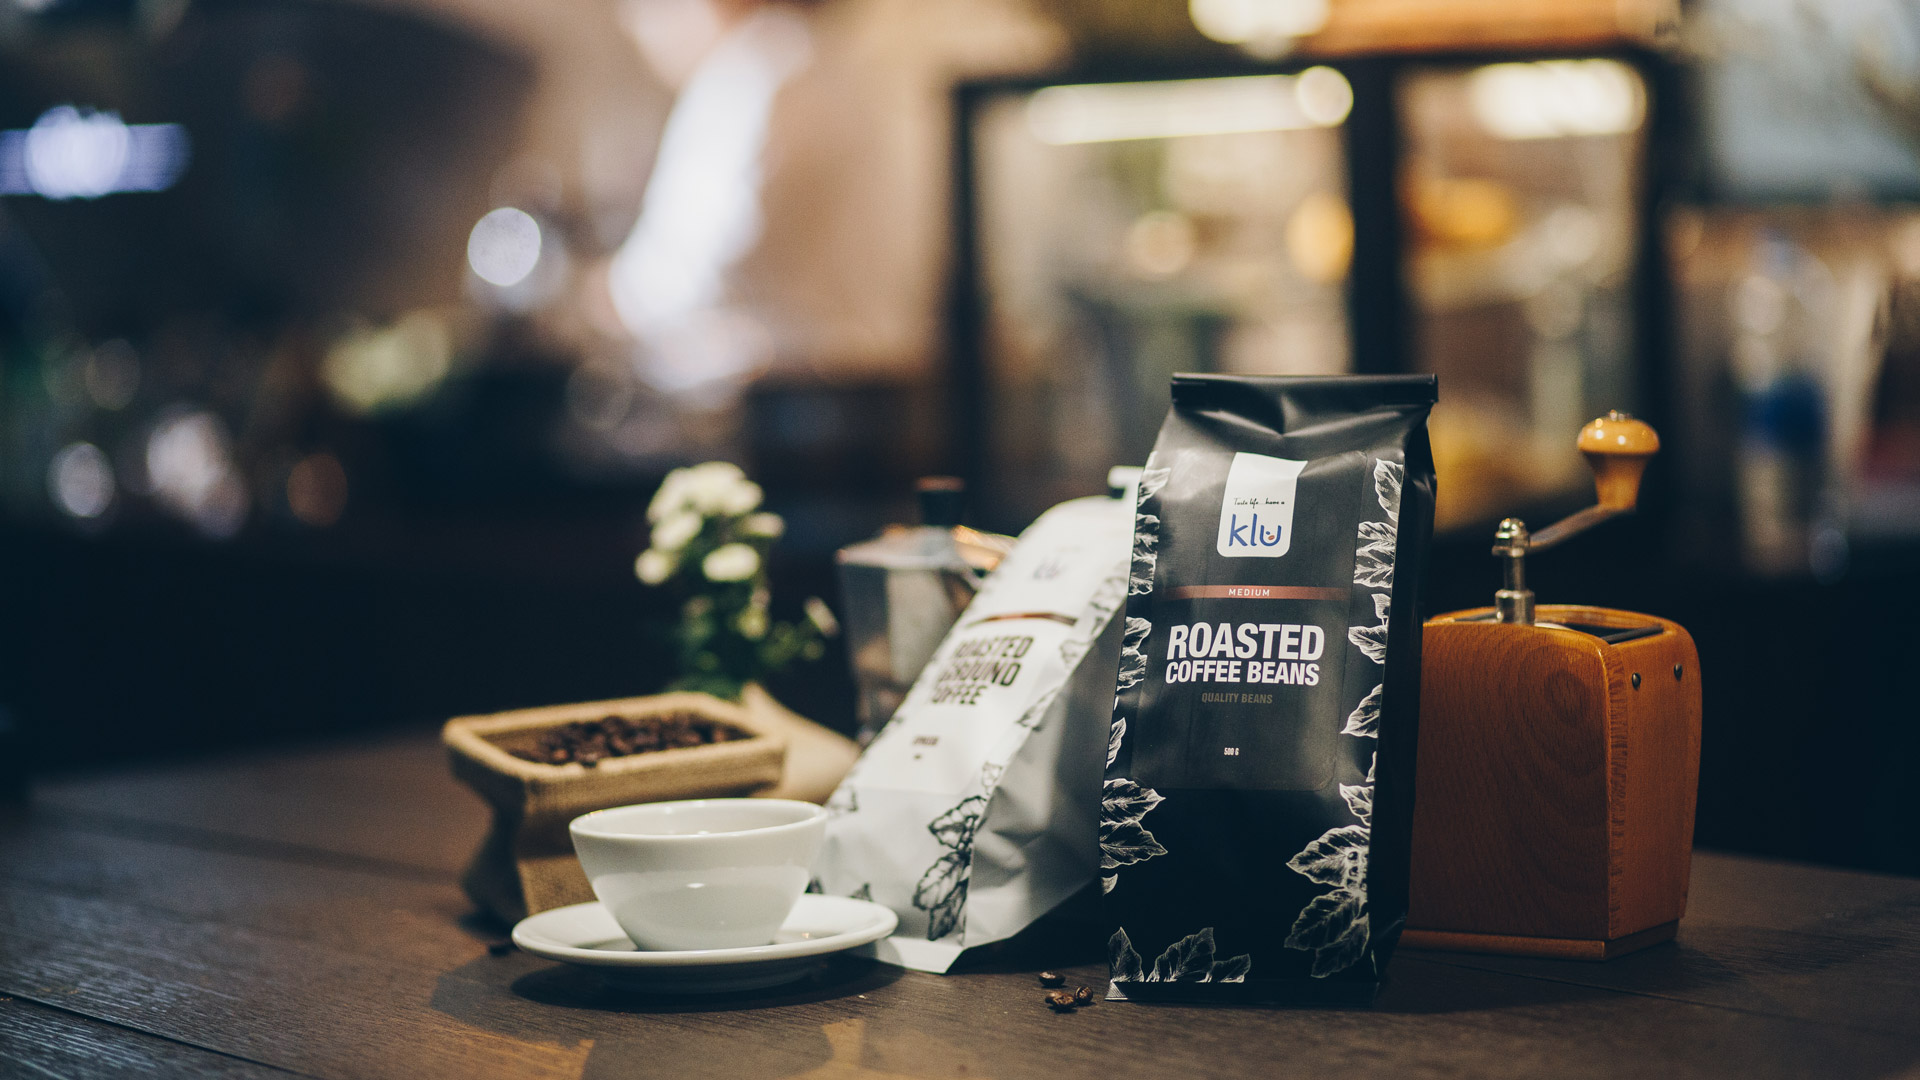 Klu Coffee and Grinder